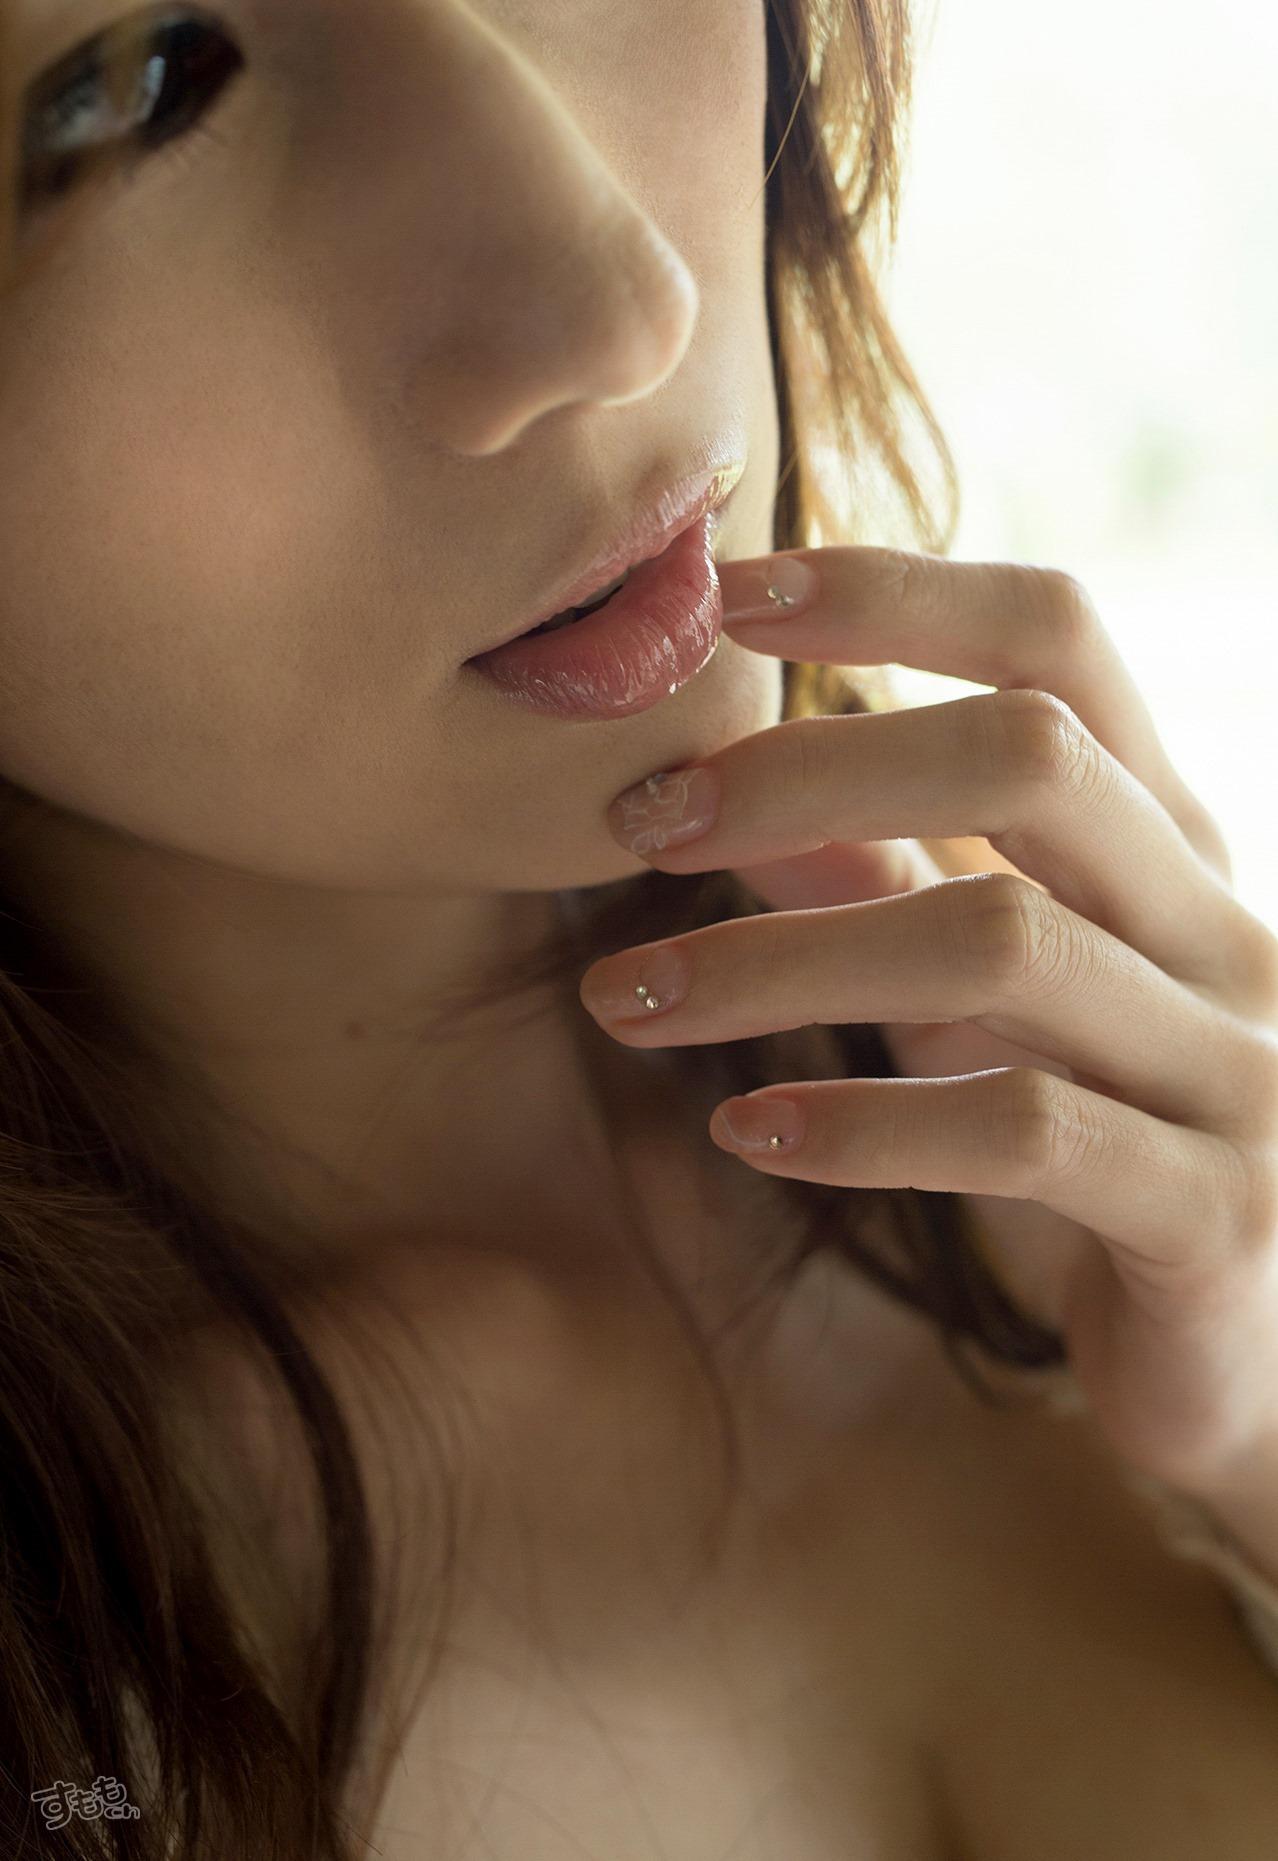 lip_finger_6054-013